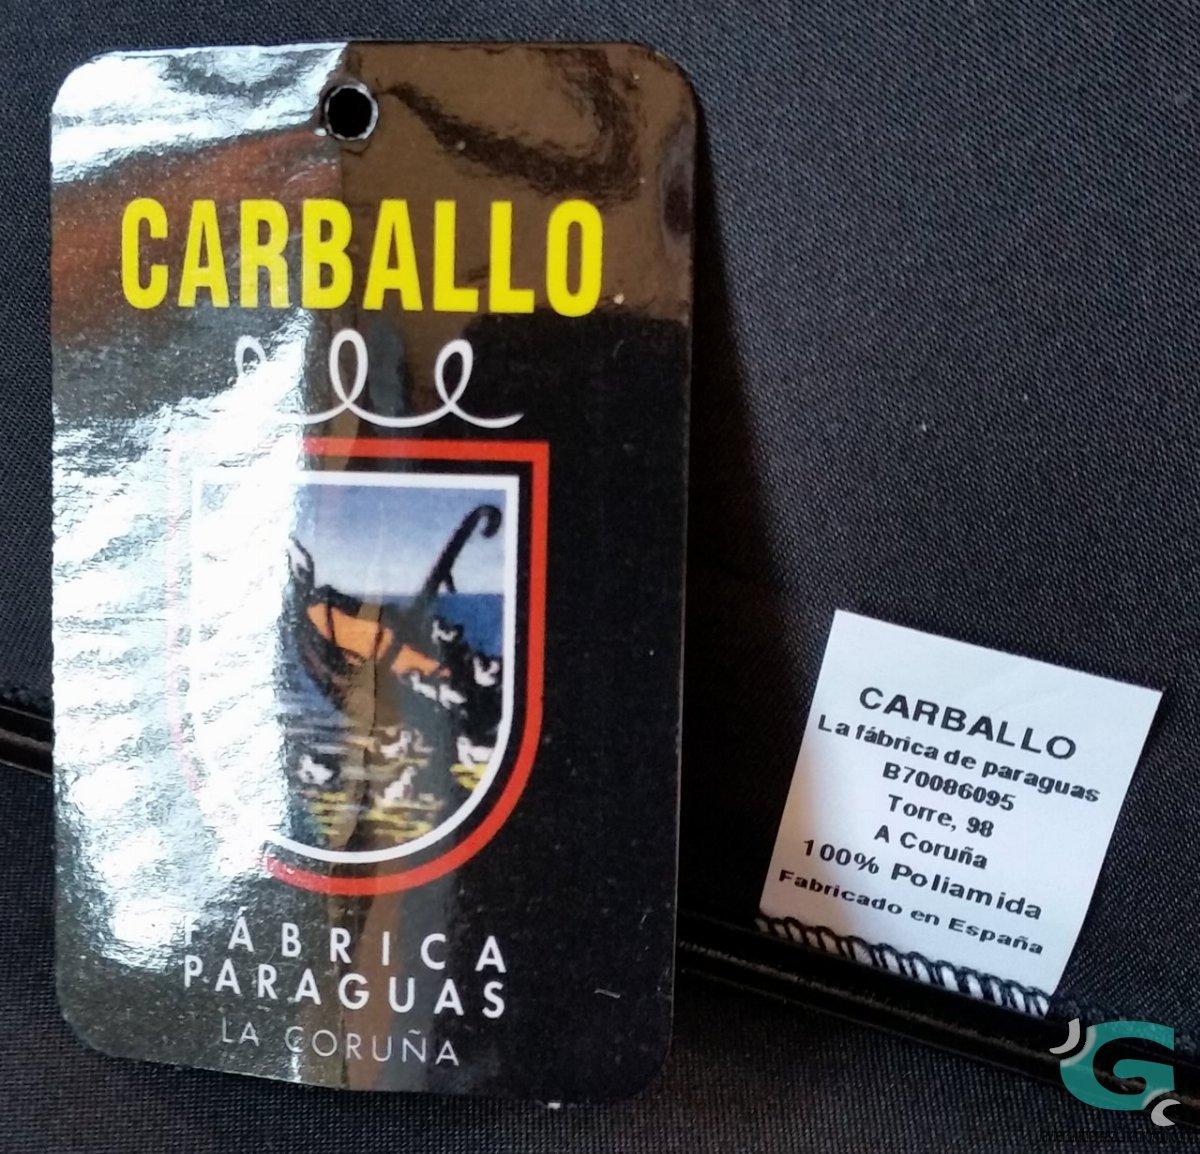 Paraguas Carballo